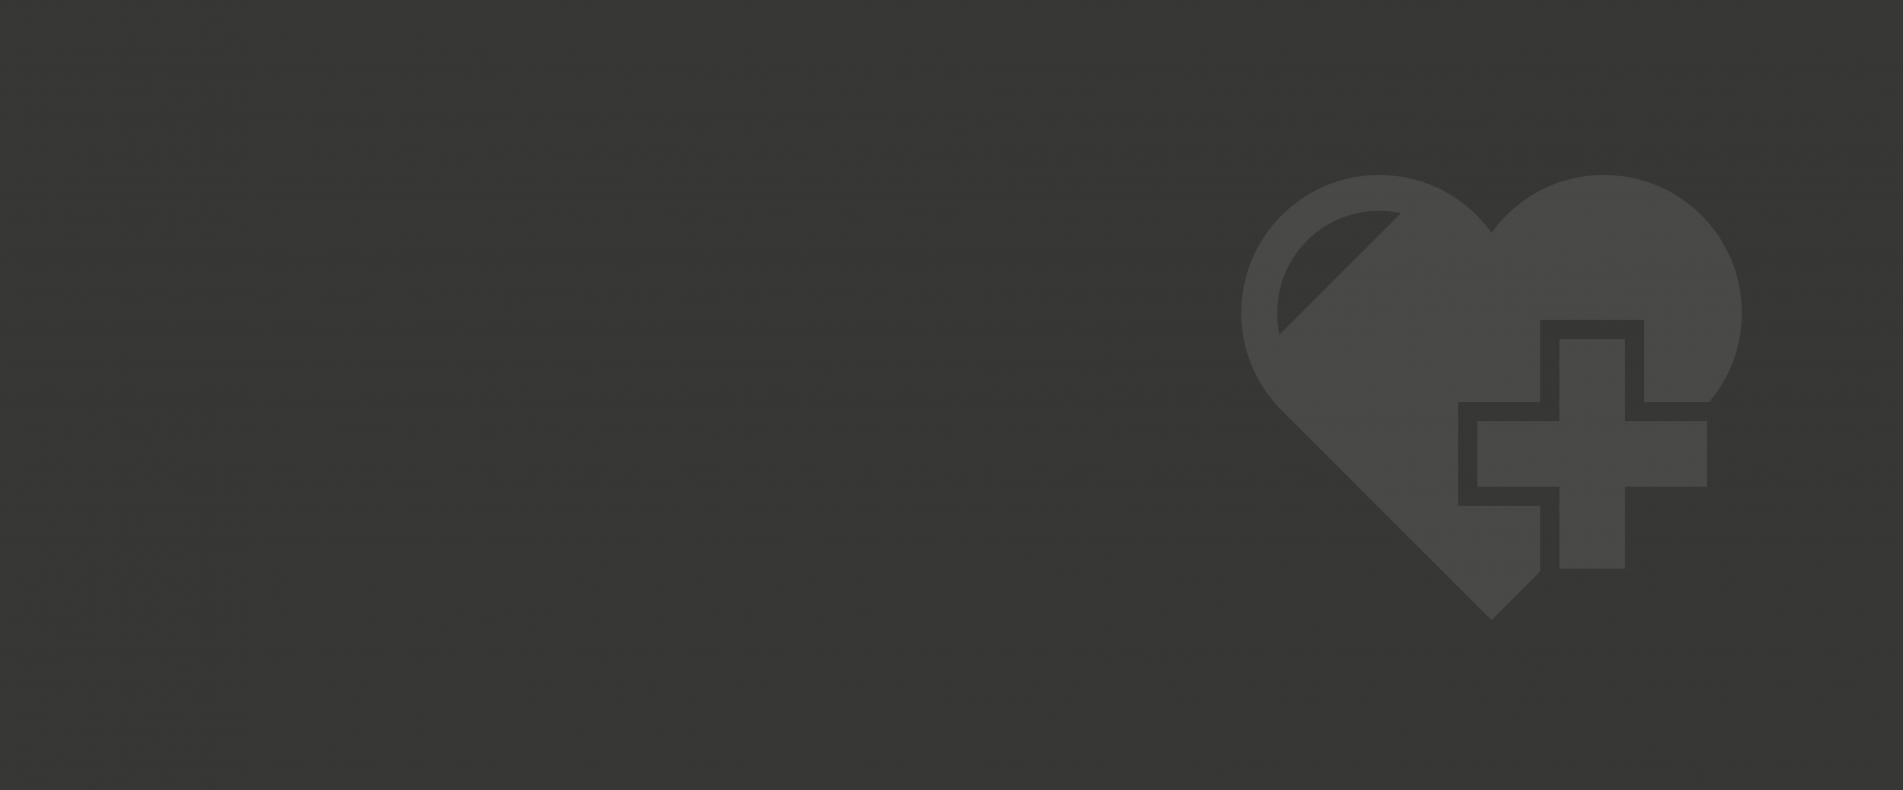 UoS School of Health Science Icon Grey DarkGrey Web Header-01